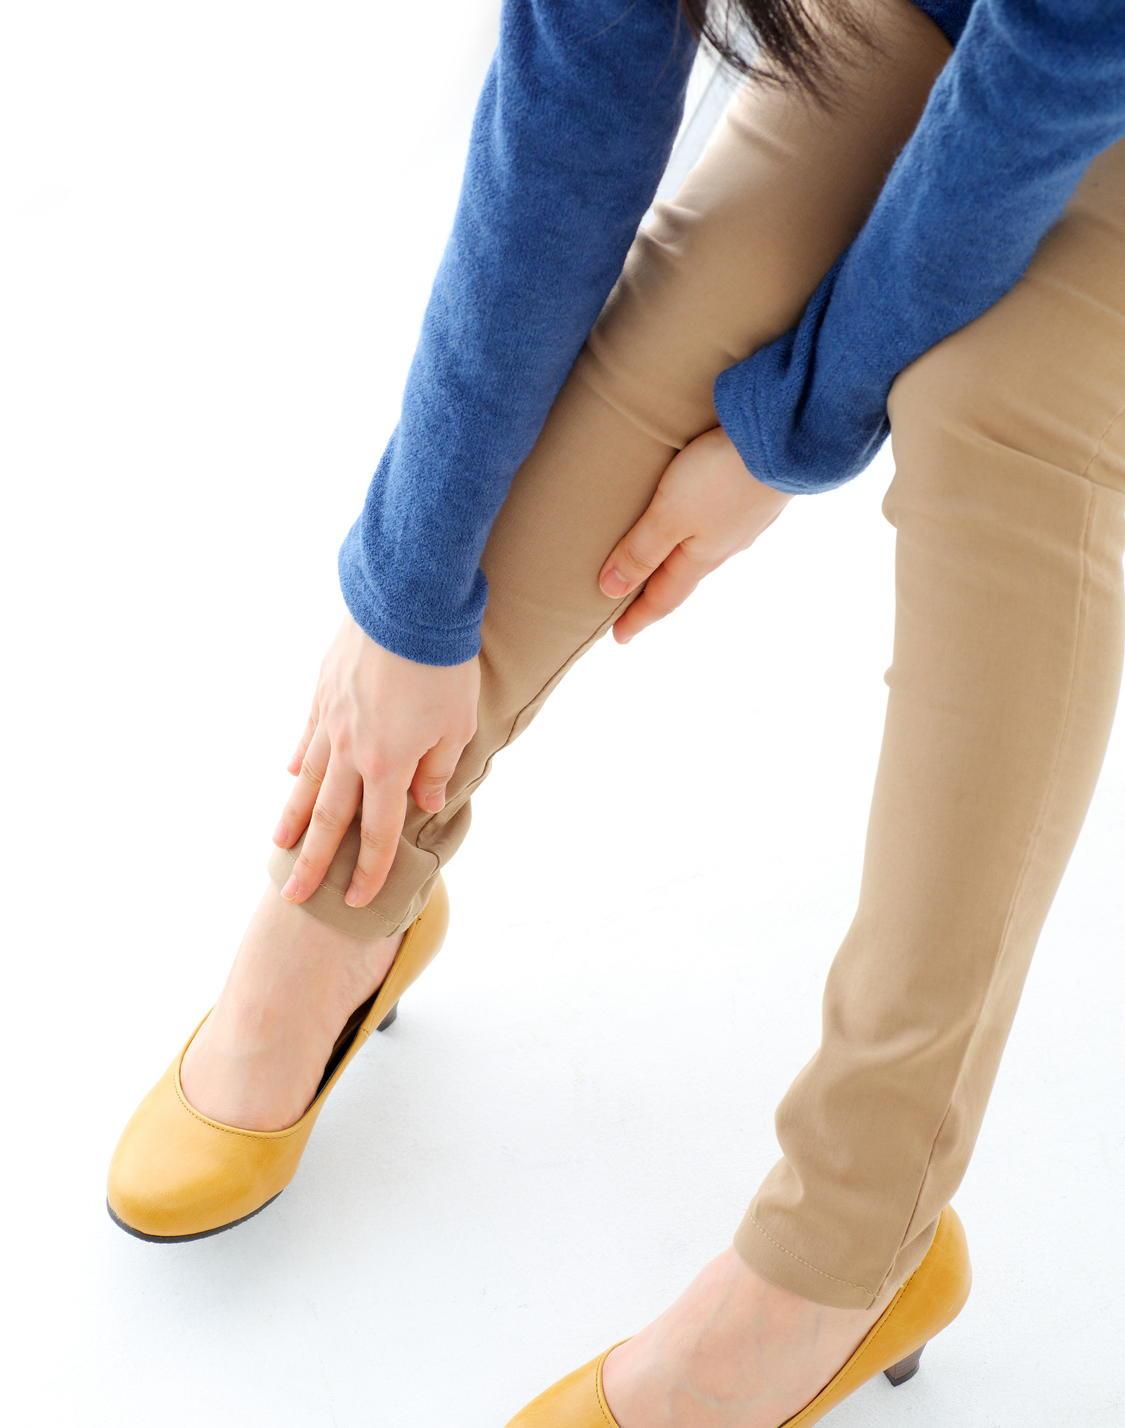 熊本地震 エコノミークラス症候群を防ぐために「足の指でグーをつくる」